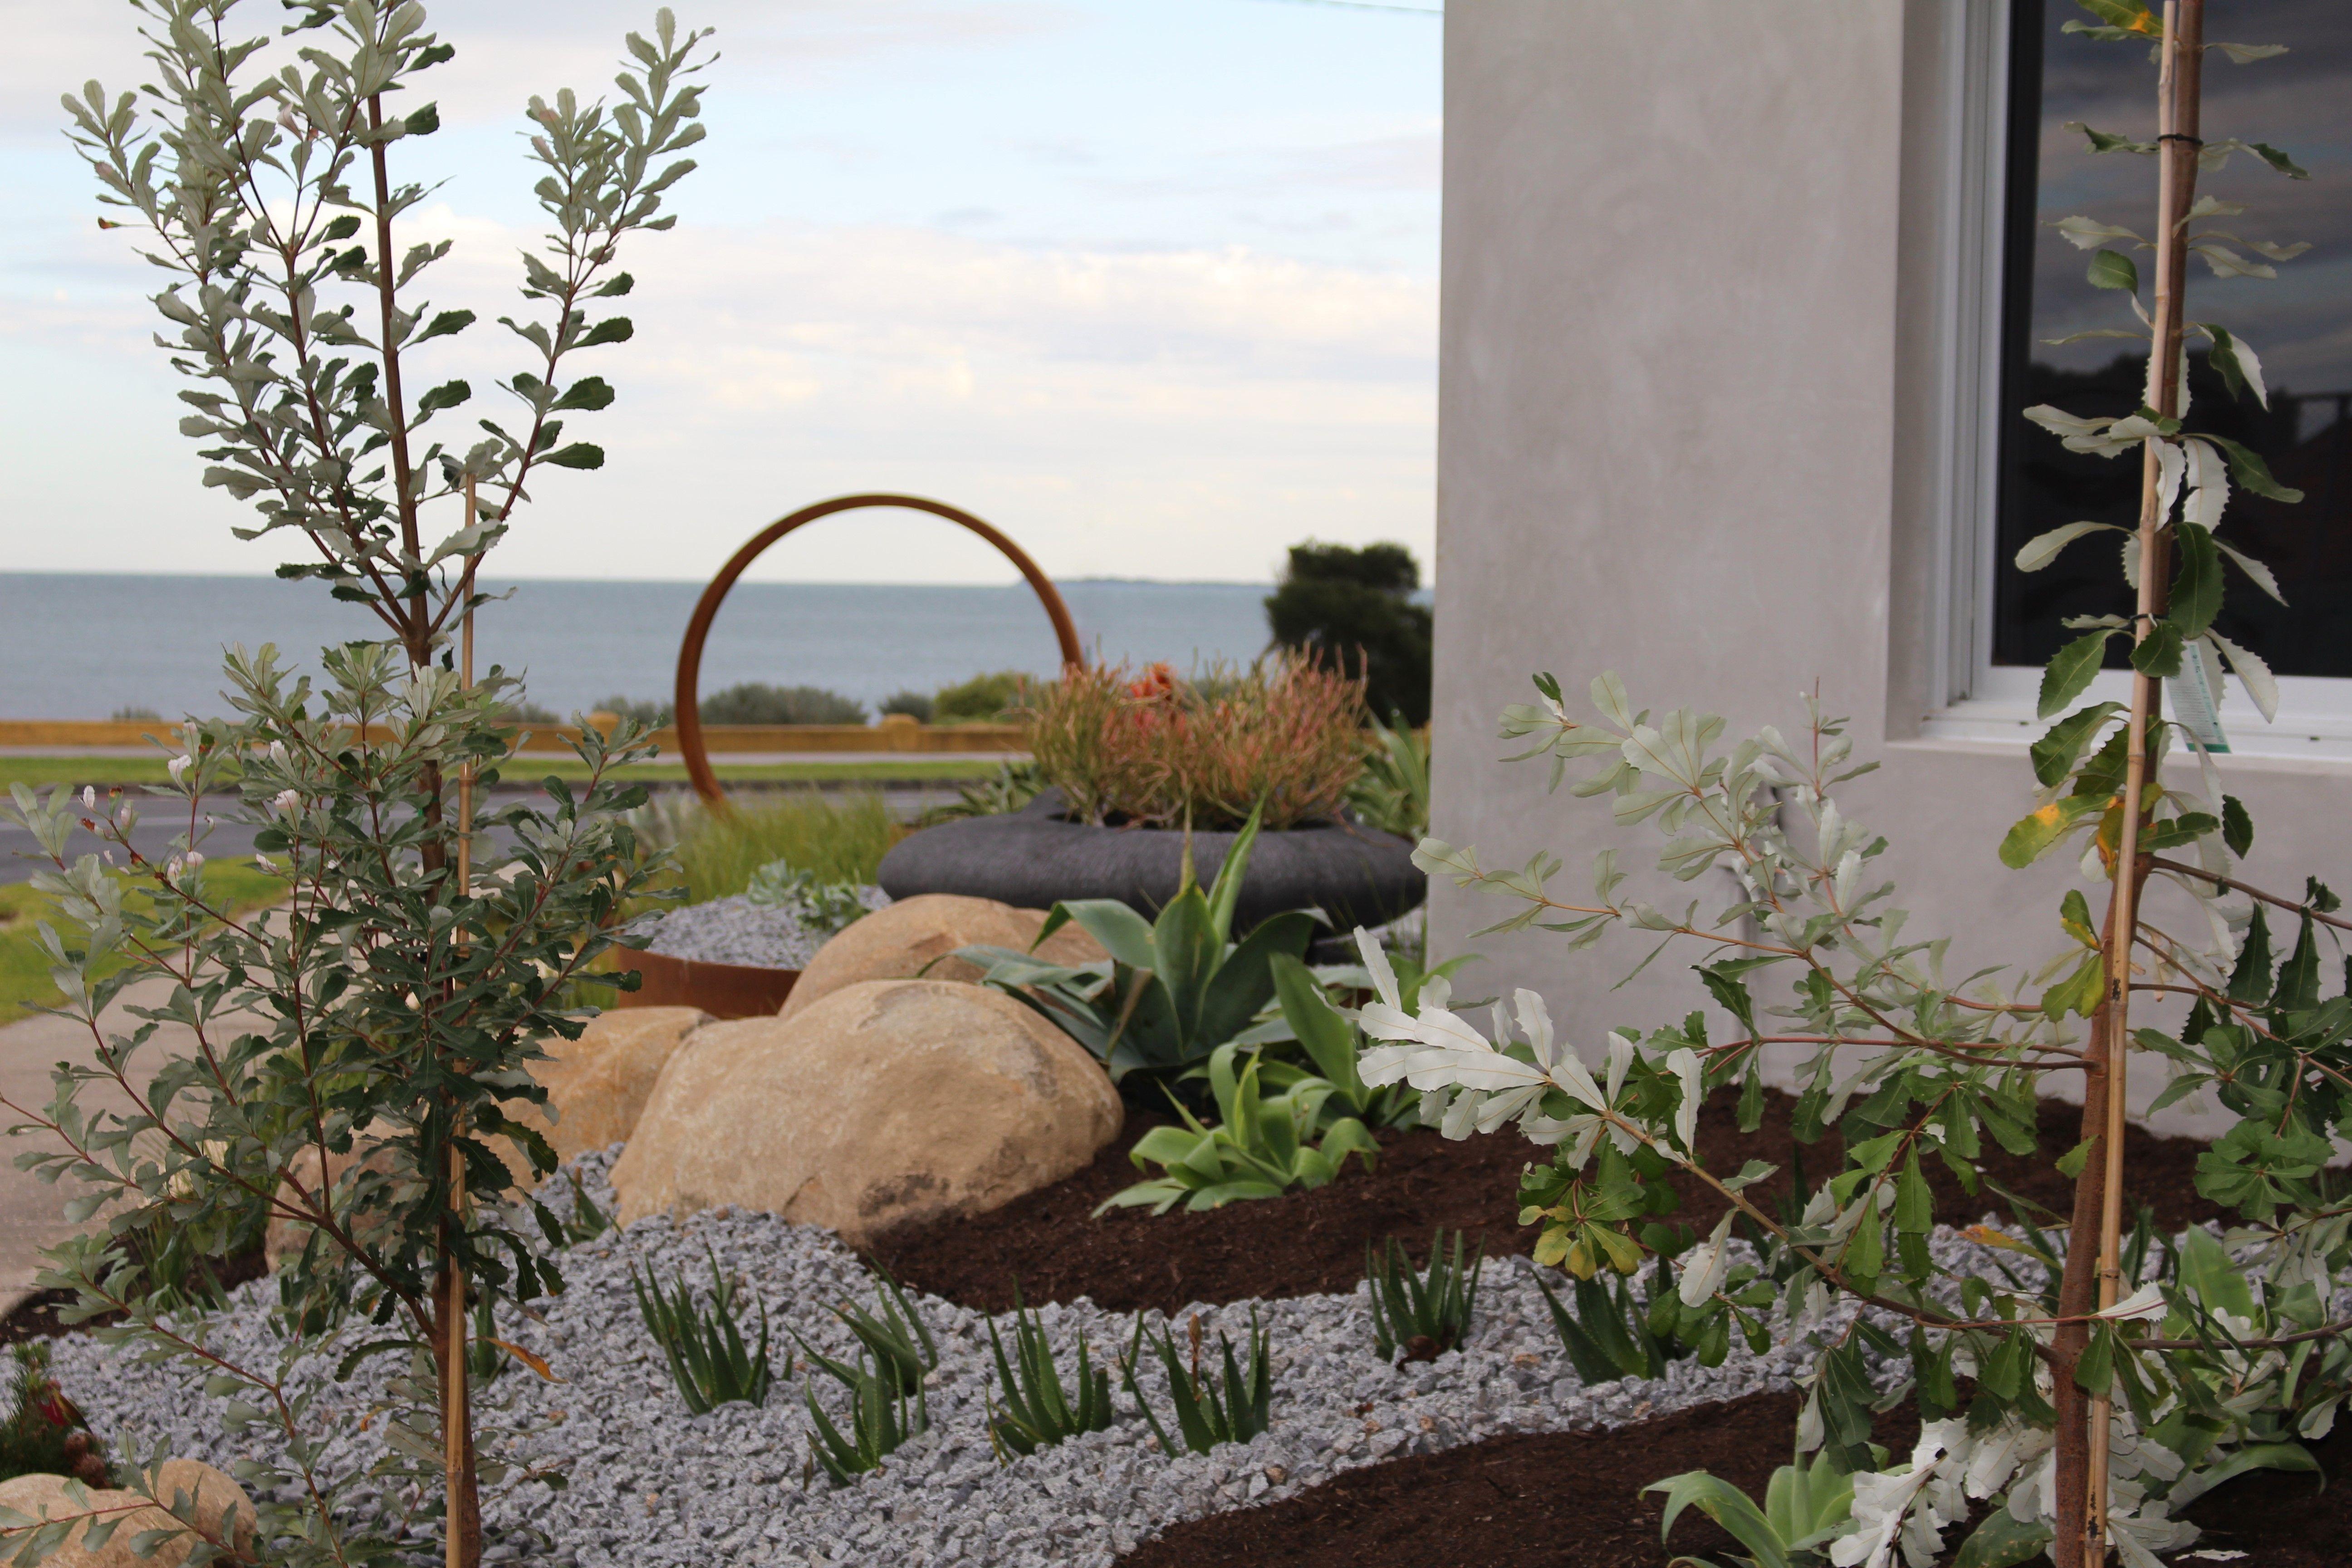 coastal gardentive plants succulents feature pots sculpture